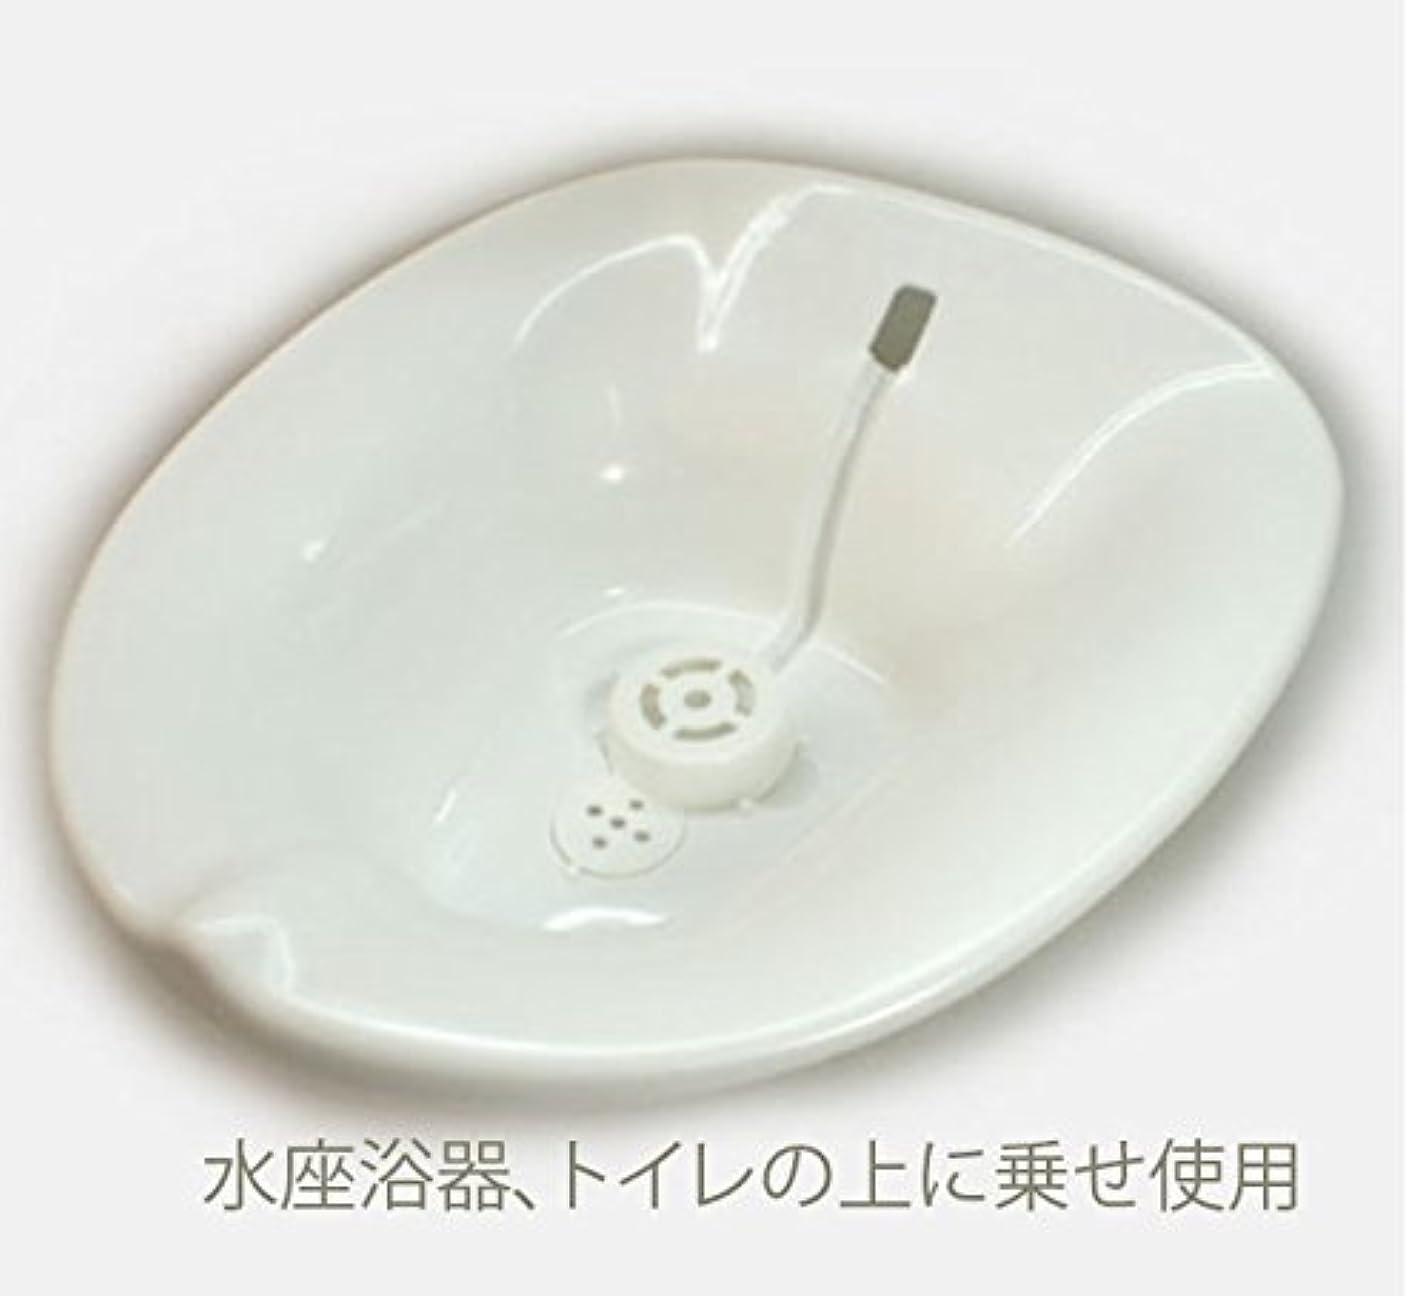 センター体厳密にお尻の座浴、、座浴のため、軟らかいトイレの水座浴用器、現在は色は白です